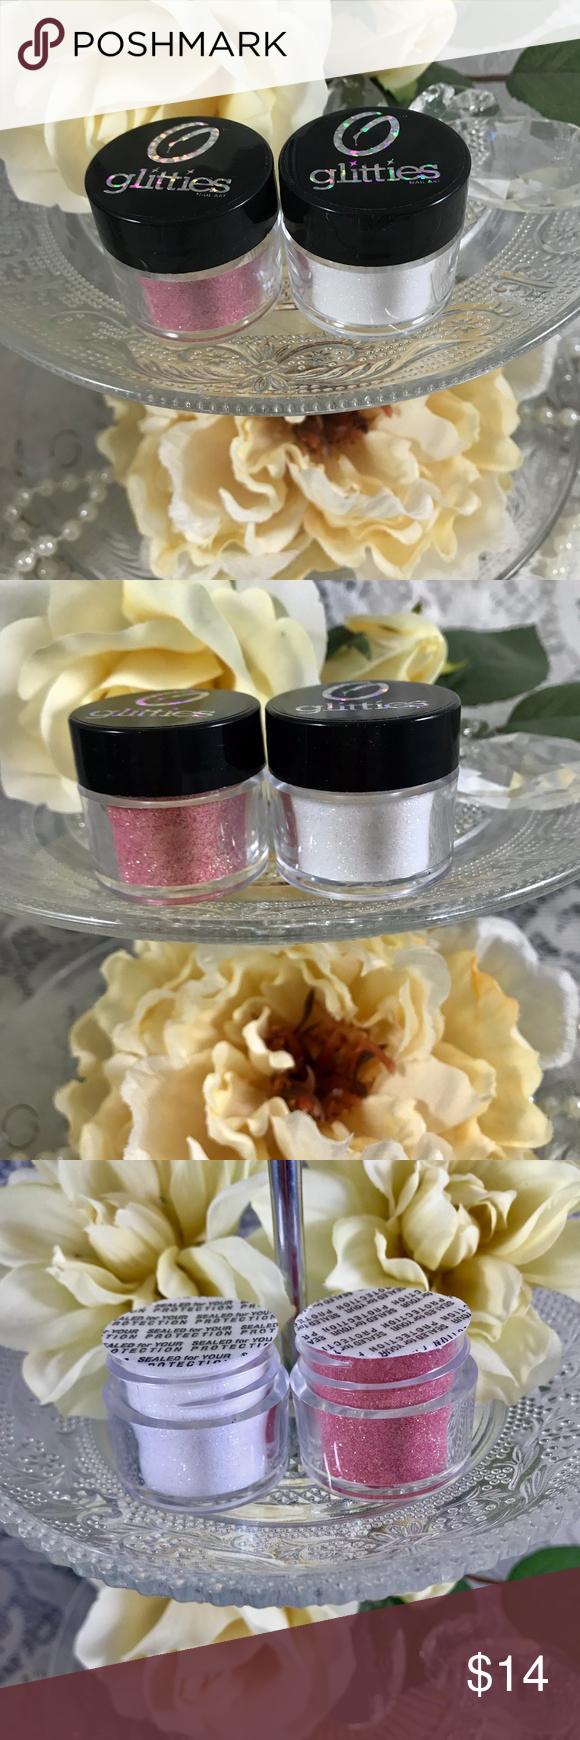 2 Iridescent Fine Glitter Cosmetic powder Diamond Dust is a brilliant white iri -  2 Iridescent Fine Glitter Cosmetic powder Diamond Dust is a brillia...